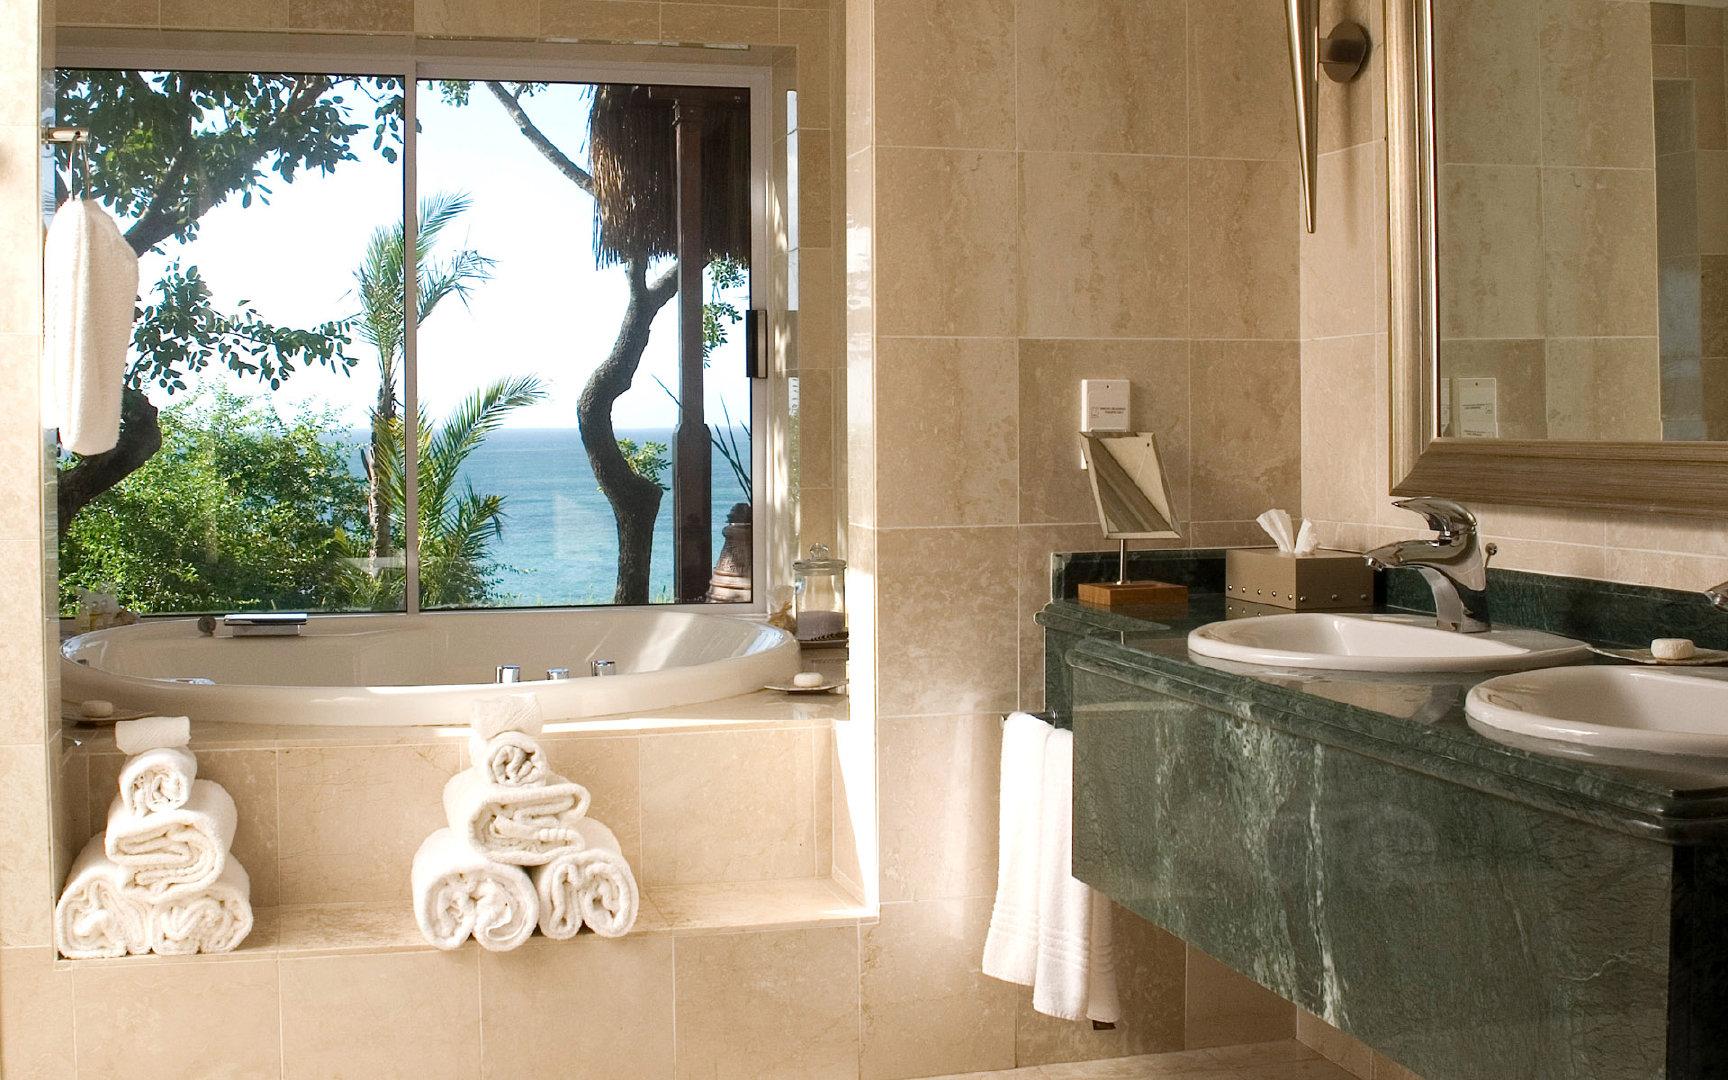 浴室写真 第三辑2K超高清壁纸图片